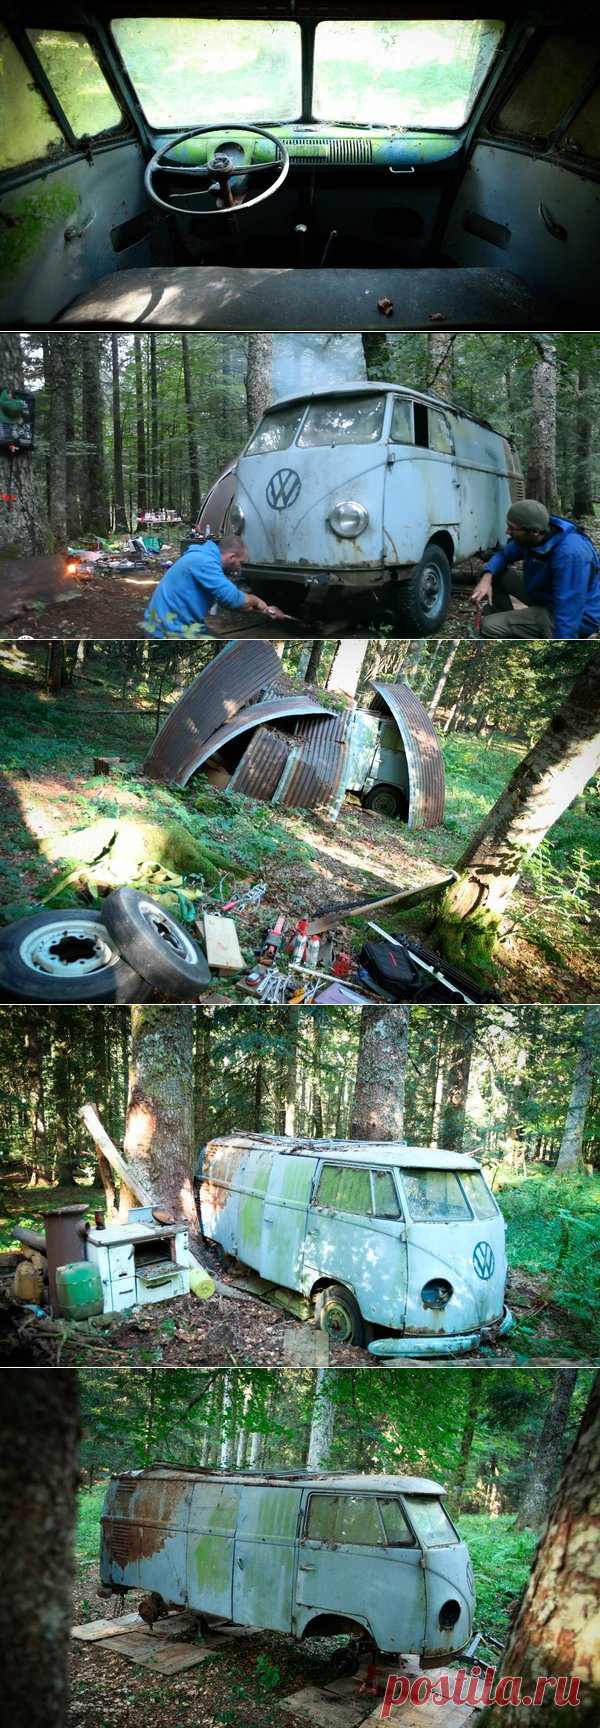 Невероятная история спасения Volkswagen T1, который 40 лет простоял в лесу | Старый Гараж | Яндекс Дзен